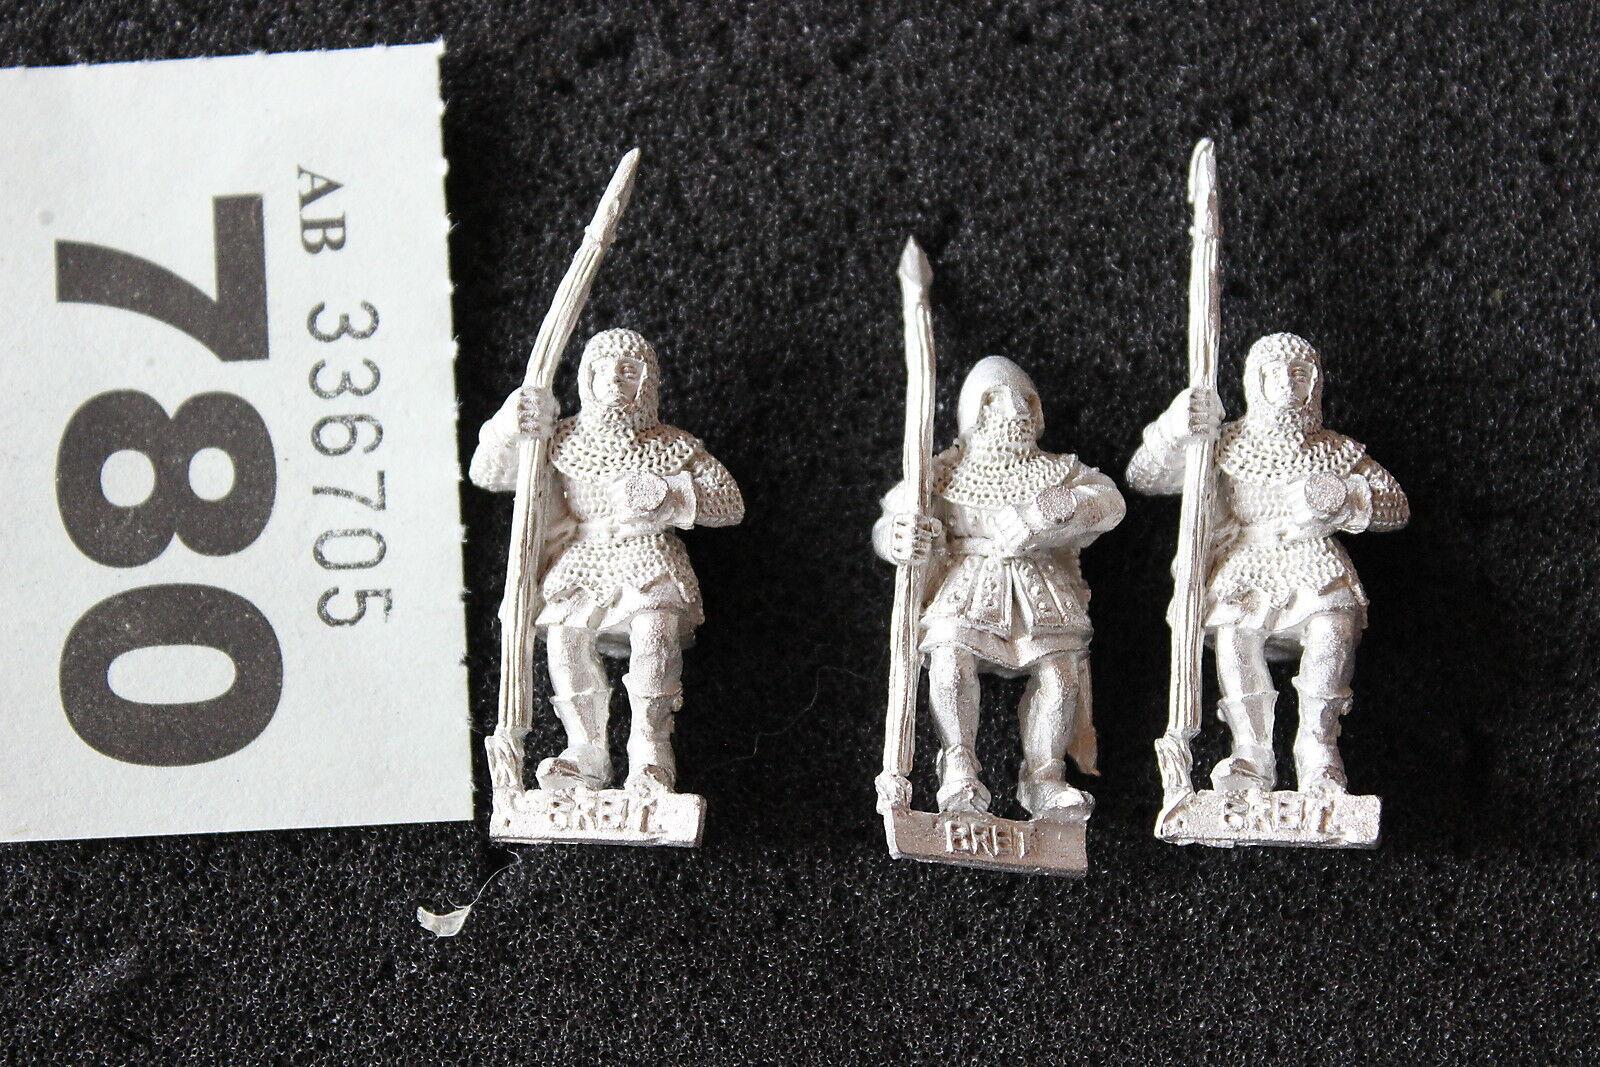 Games Workshop Warhammer Bretonnian Men at Arms Spearmen x3 Metal Figure OOP